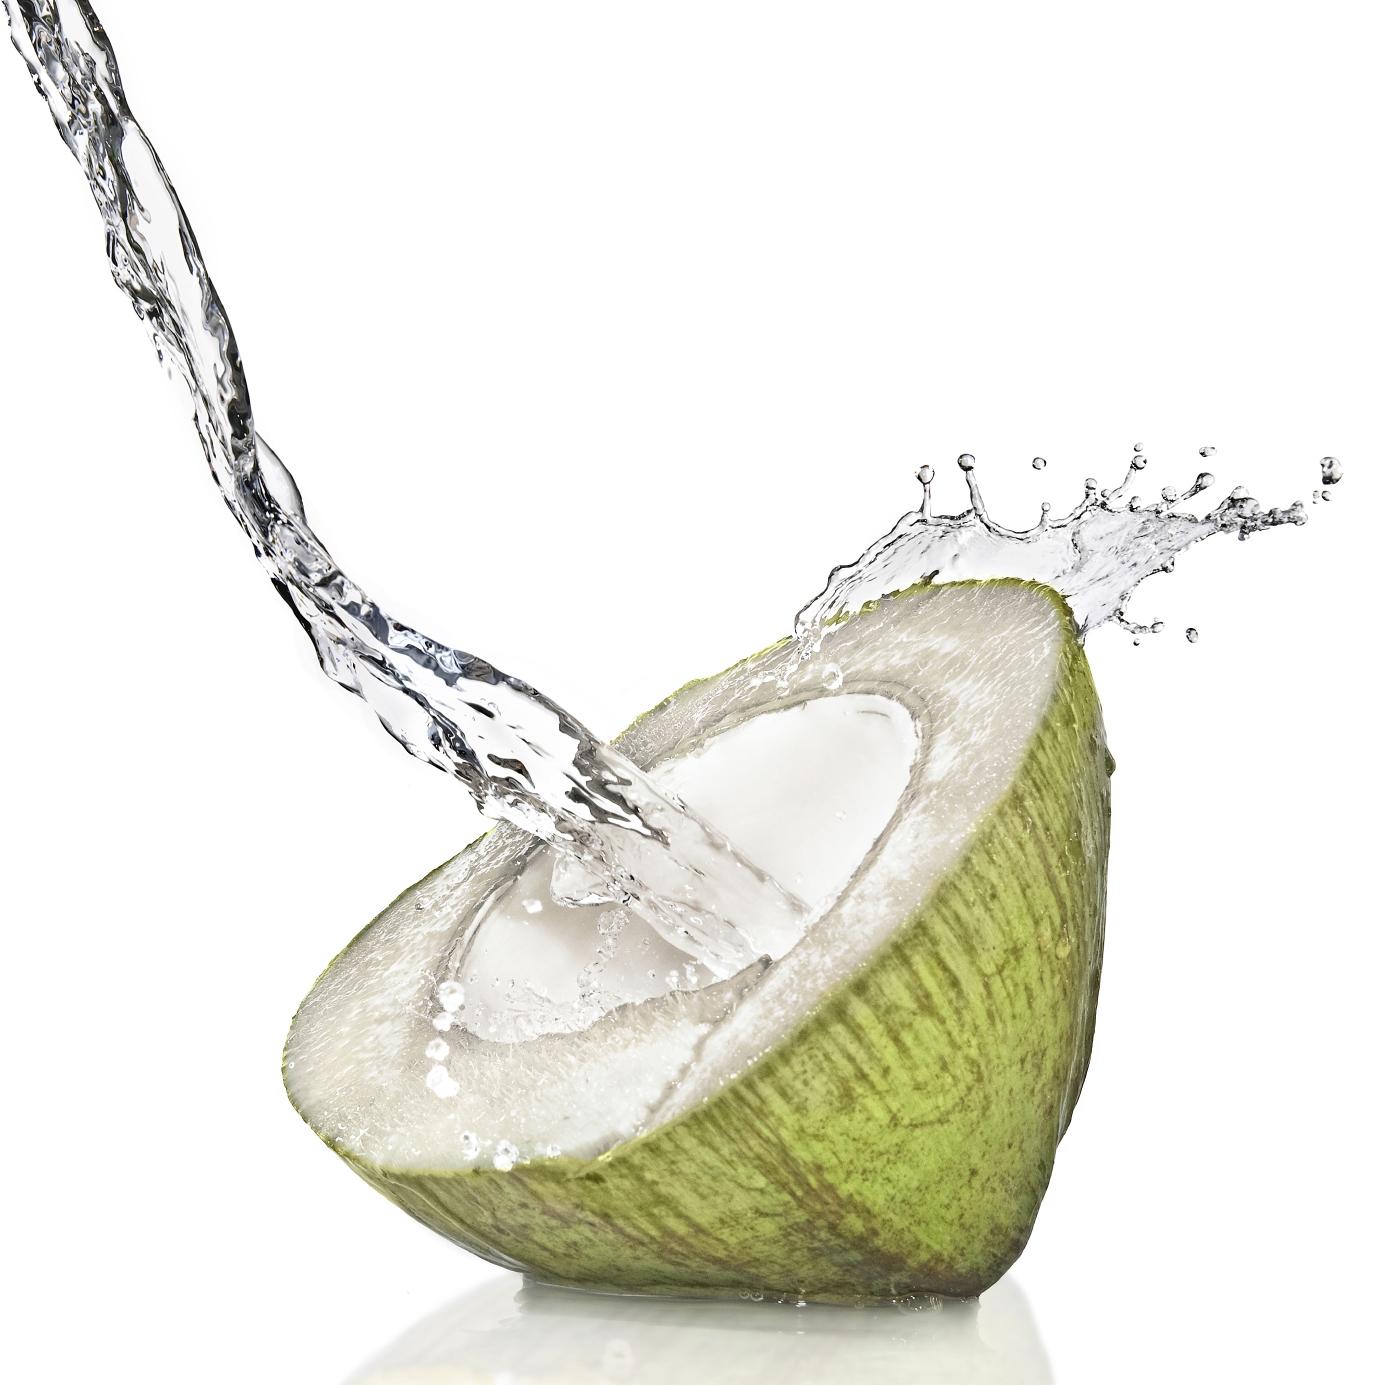 636531626270963038coconutwatersplash.jpg